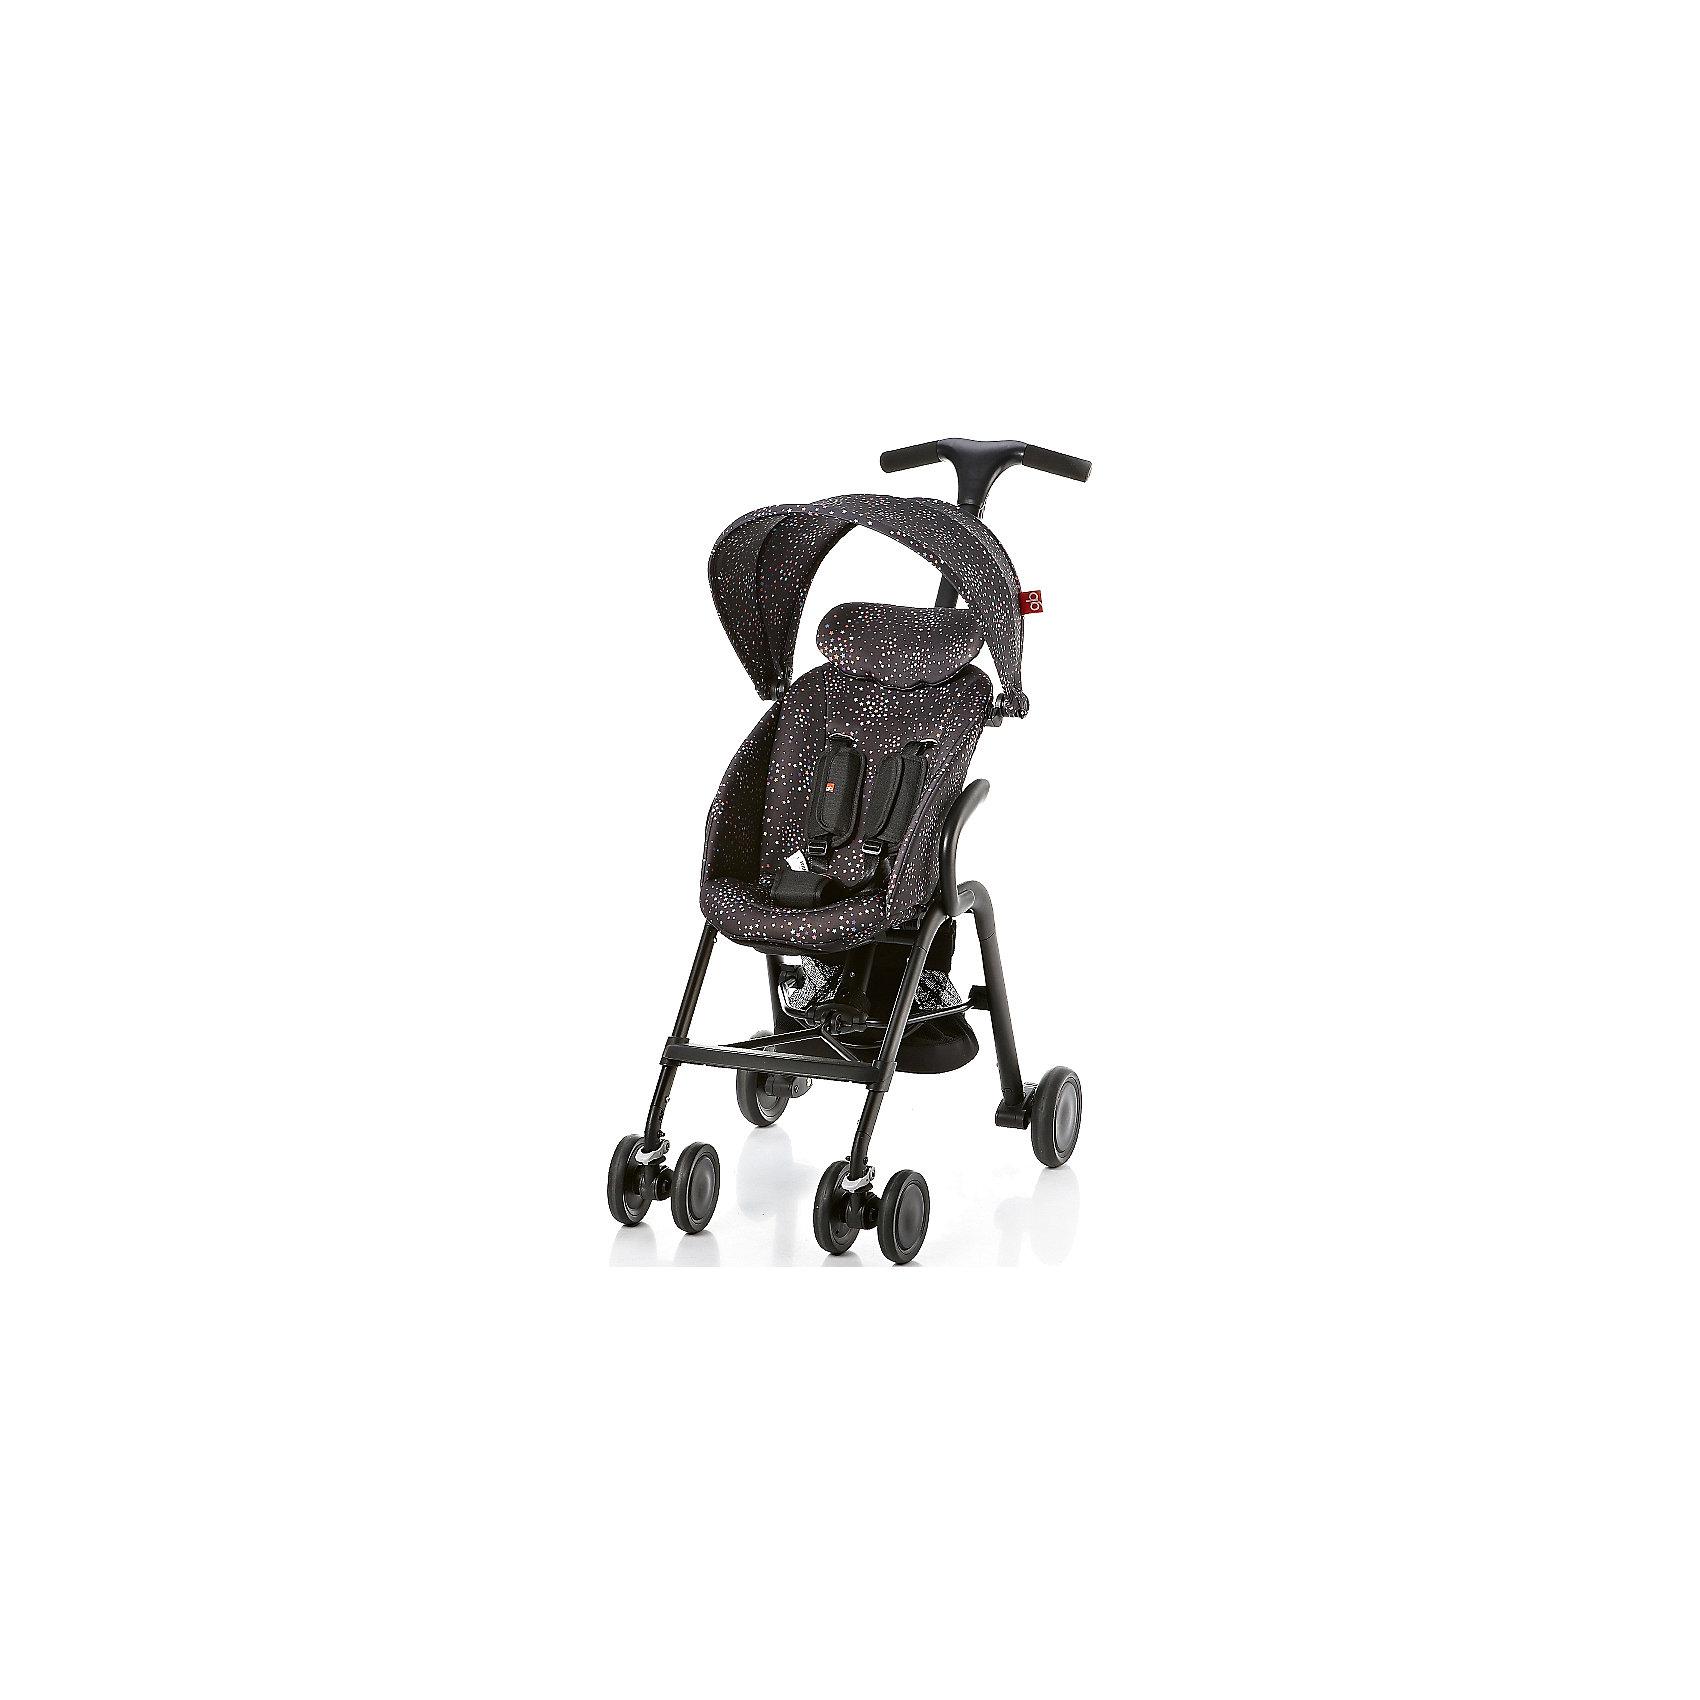 Прогулочная коляска GB T-BAR D330J, черныйПрогулочные коляски<br>Коляска прогулочная T-BAR D330J, GB, черный<br><br>Характеристики:<br><br>- в набор входит: коляска, козырек <br>- материал: алюминий, текстиль, пластик<br>- колеса: EVA-резина и полиуретан<br>- размер разложенной коляски: 53 * 91 * 105 см.<br>- размер в сложенном виде: 53 * 40 * 91 см.<br>- вес коляски: 7,6 кг.<br><br>Надежная коляска от известного международного европейского бренда товаров для детей GB (ДжиБи) сделает прогулку с малышом комфортным приключением. Стильный дизайн и качественное исполнение позволят коляске прослужить много лет. Т-образная ручка обеспечивает наибольшую маневренность в городе и ее высота регулируется в три положения. Стильный козырек закрывает малыша от яркого солнца и удобно регулируется, давая возможность полностью закрыть малыша спереди. Спинка сидения регулируется в два положения, в которых малыш сможет немного отдохнуть, а мягкий регулирующийся подголовник добавит малышу комфорта. Прочные бесшумные двойные передние колеса поворачиваются (можно зафиксировать), задние колеса оснащены амортизацией, такое сочетание позволяет осуществить наибольшую проходимость и устойчивость коляски. Для удобства хранения и перемещения коляска легко складывается по принципу «книжка». Безопасность малыша обеспечивает пятиточечный ремень с мягкими накладками. Небольшая корзина коляски легка в доступе и позволит взять с собой самое необходимое на прогулку. С этой легкой и компактной коляской вы будете чувствовать себя уверенно как на прогулке, так и в магазине.<br><br>Коляску прогулочную T-BAR D330J, черный, GB (ДжиБи) можно купить в нашем интернет-магазине.<br><br>Ширина мм: 900<br>Глубина мм: 500<br>Высота мм: 300<br>Вес г: 9000<br>Возраст от месяцев: 6<br>Возраст до месяцев: 36<br>Пол: Унисекс<br>Возраст: Детский<br>SKU: 5176042